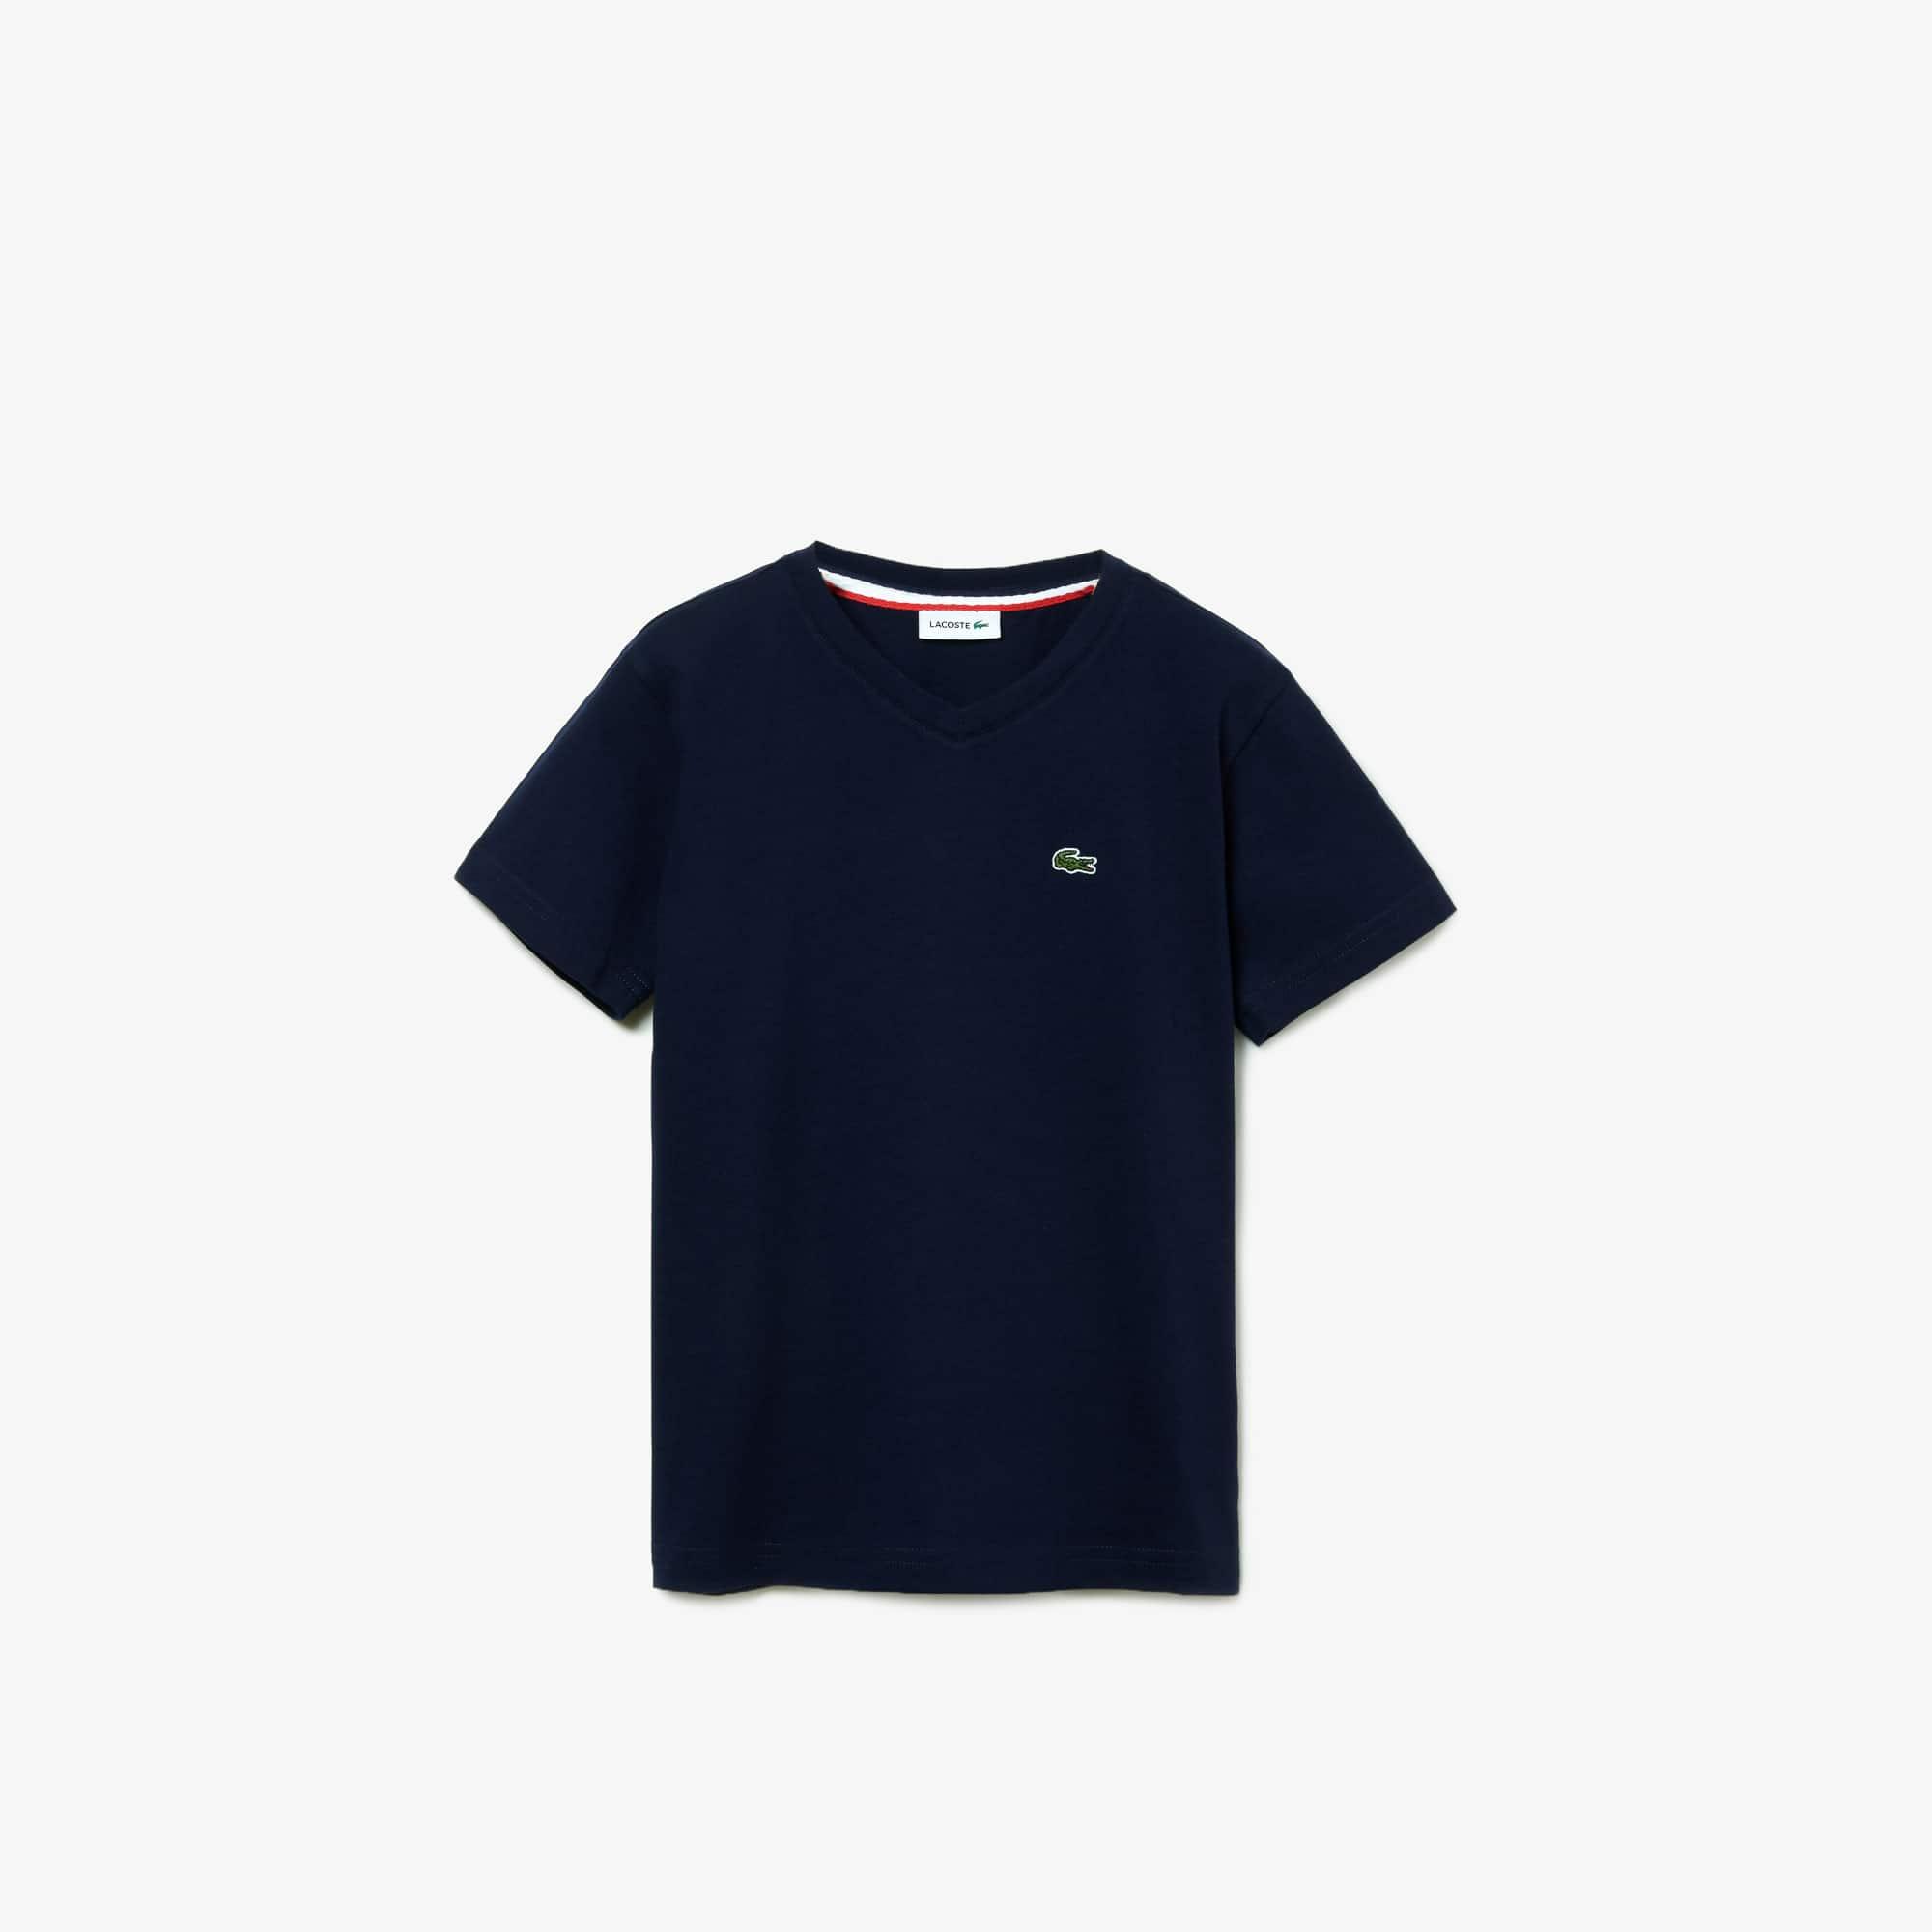 Boys' V-neck Cotton Jersey T-shirt